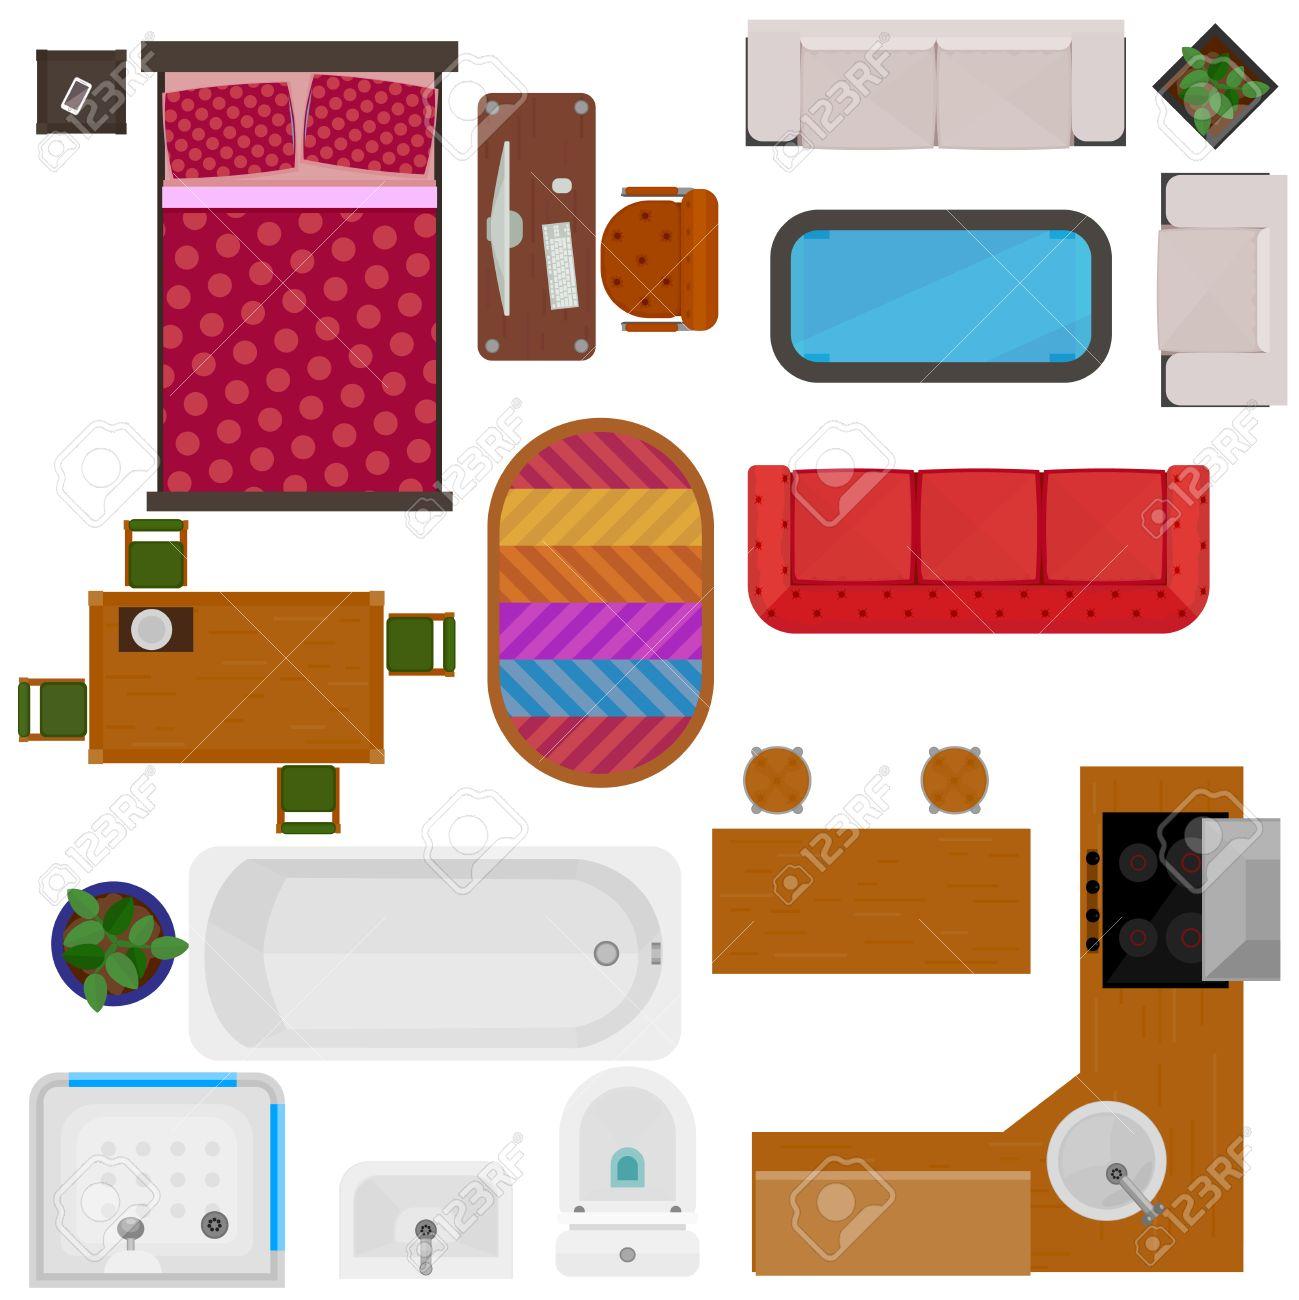 Vue De Dessus Meubles De Maison Icones Decoratives Avec Canape Lit Chaise Table De Bureau Set De Cuisine Salle De Bain Evier Articles Isole